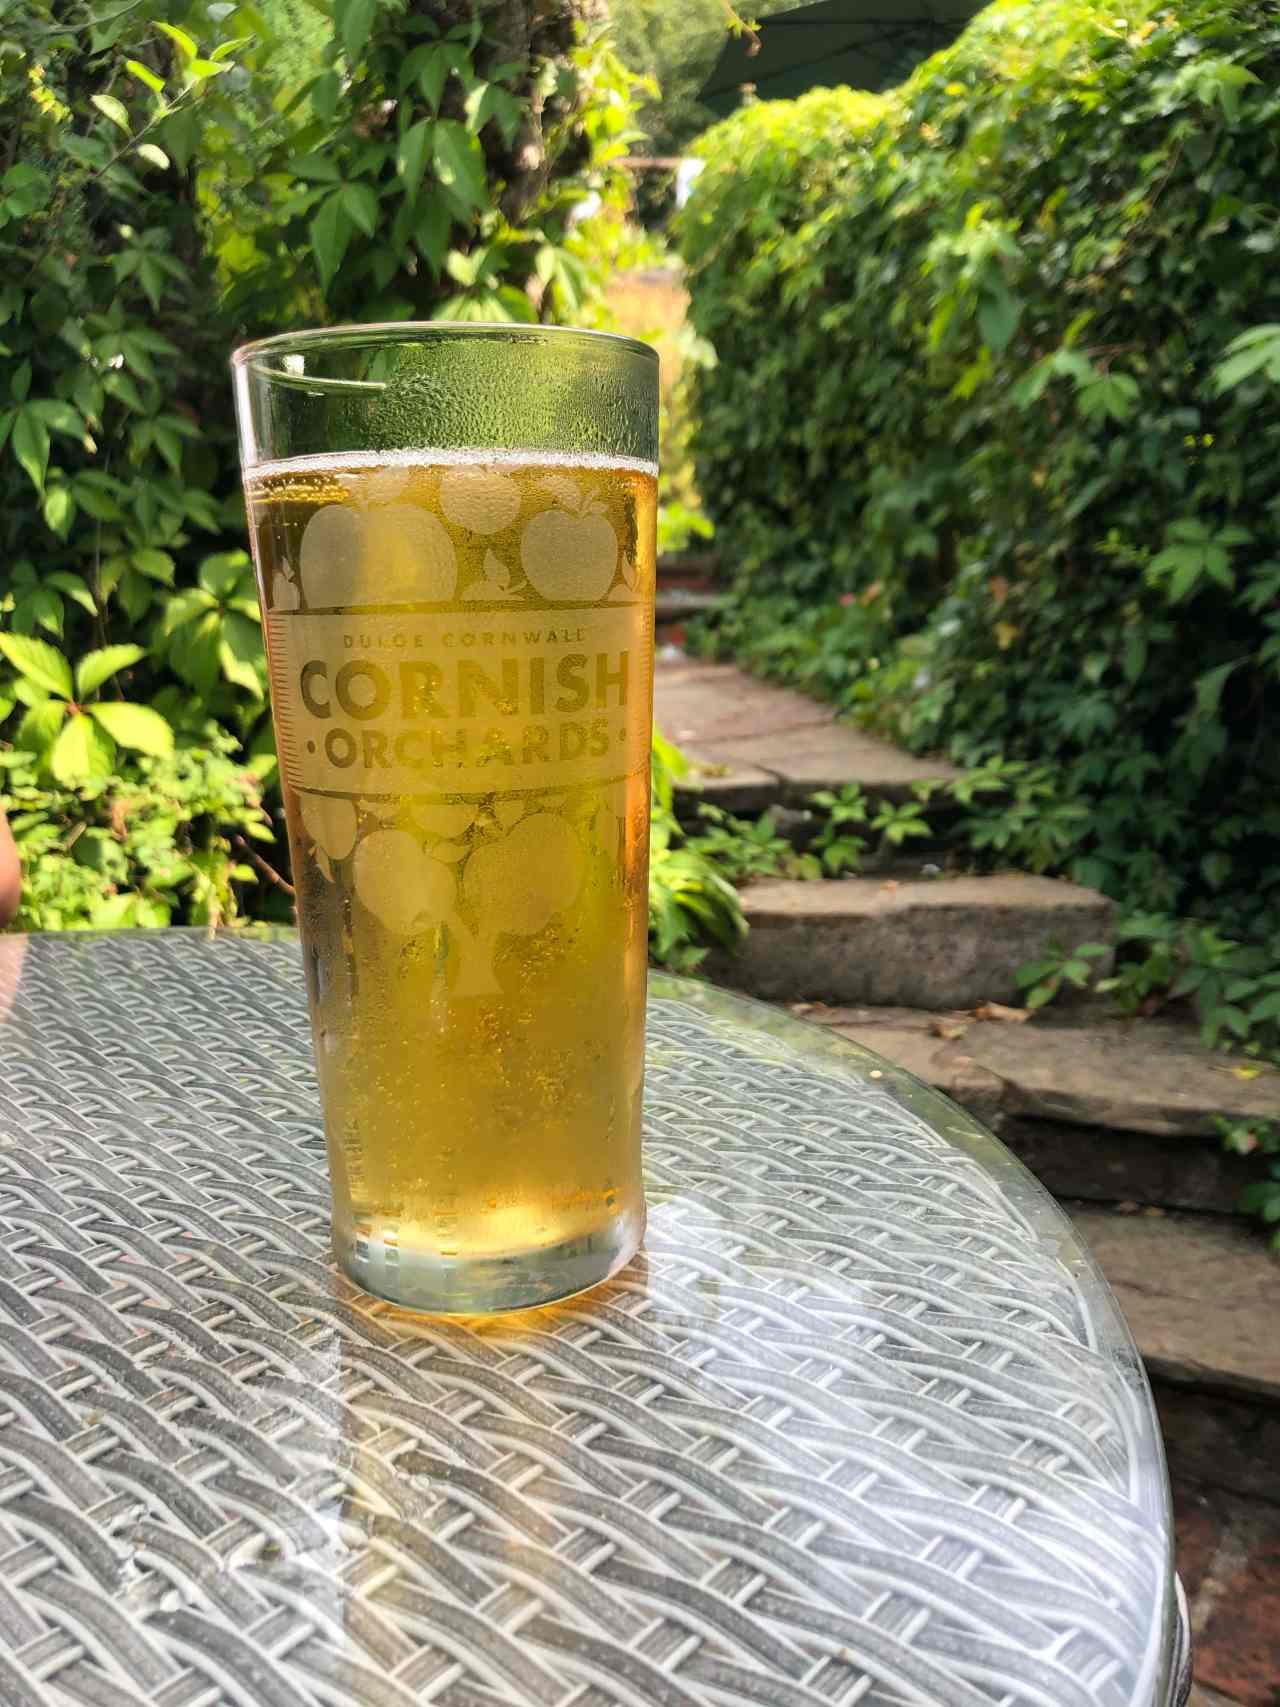 King William IV beer garden Mickleham